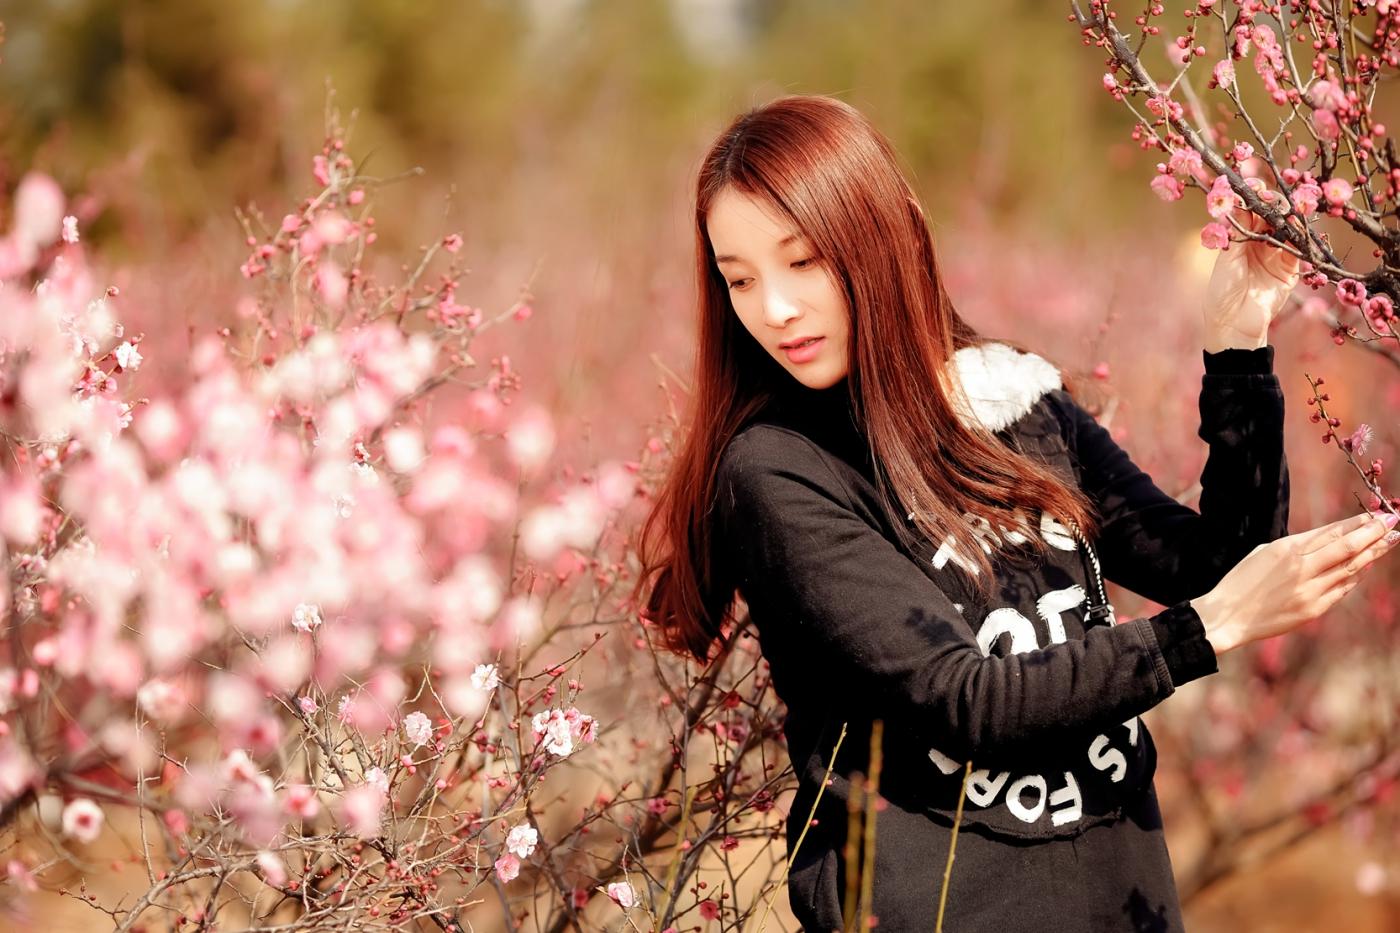 费县的春天从鲜花烂漫的梅林和女孩张诗奇的偶遇开始_图1-2